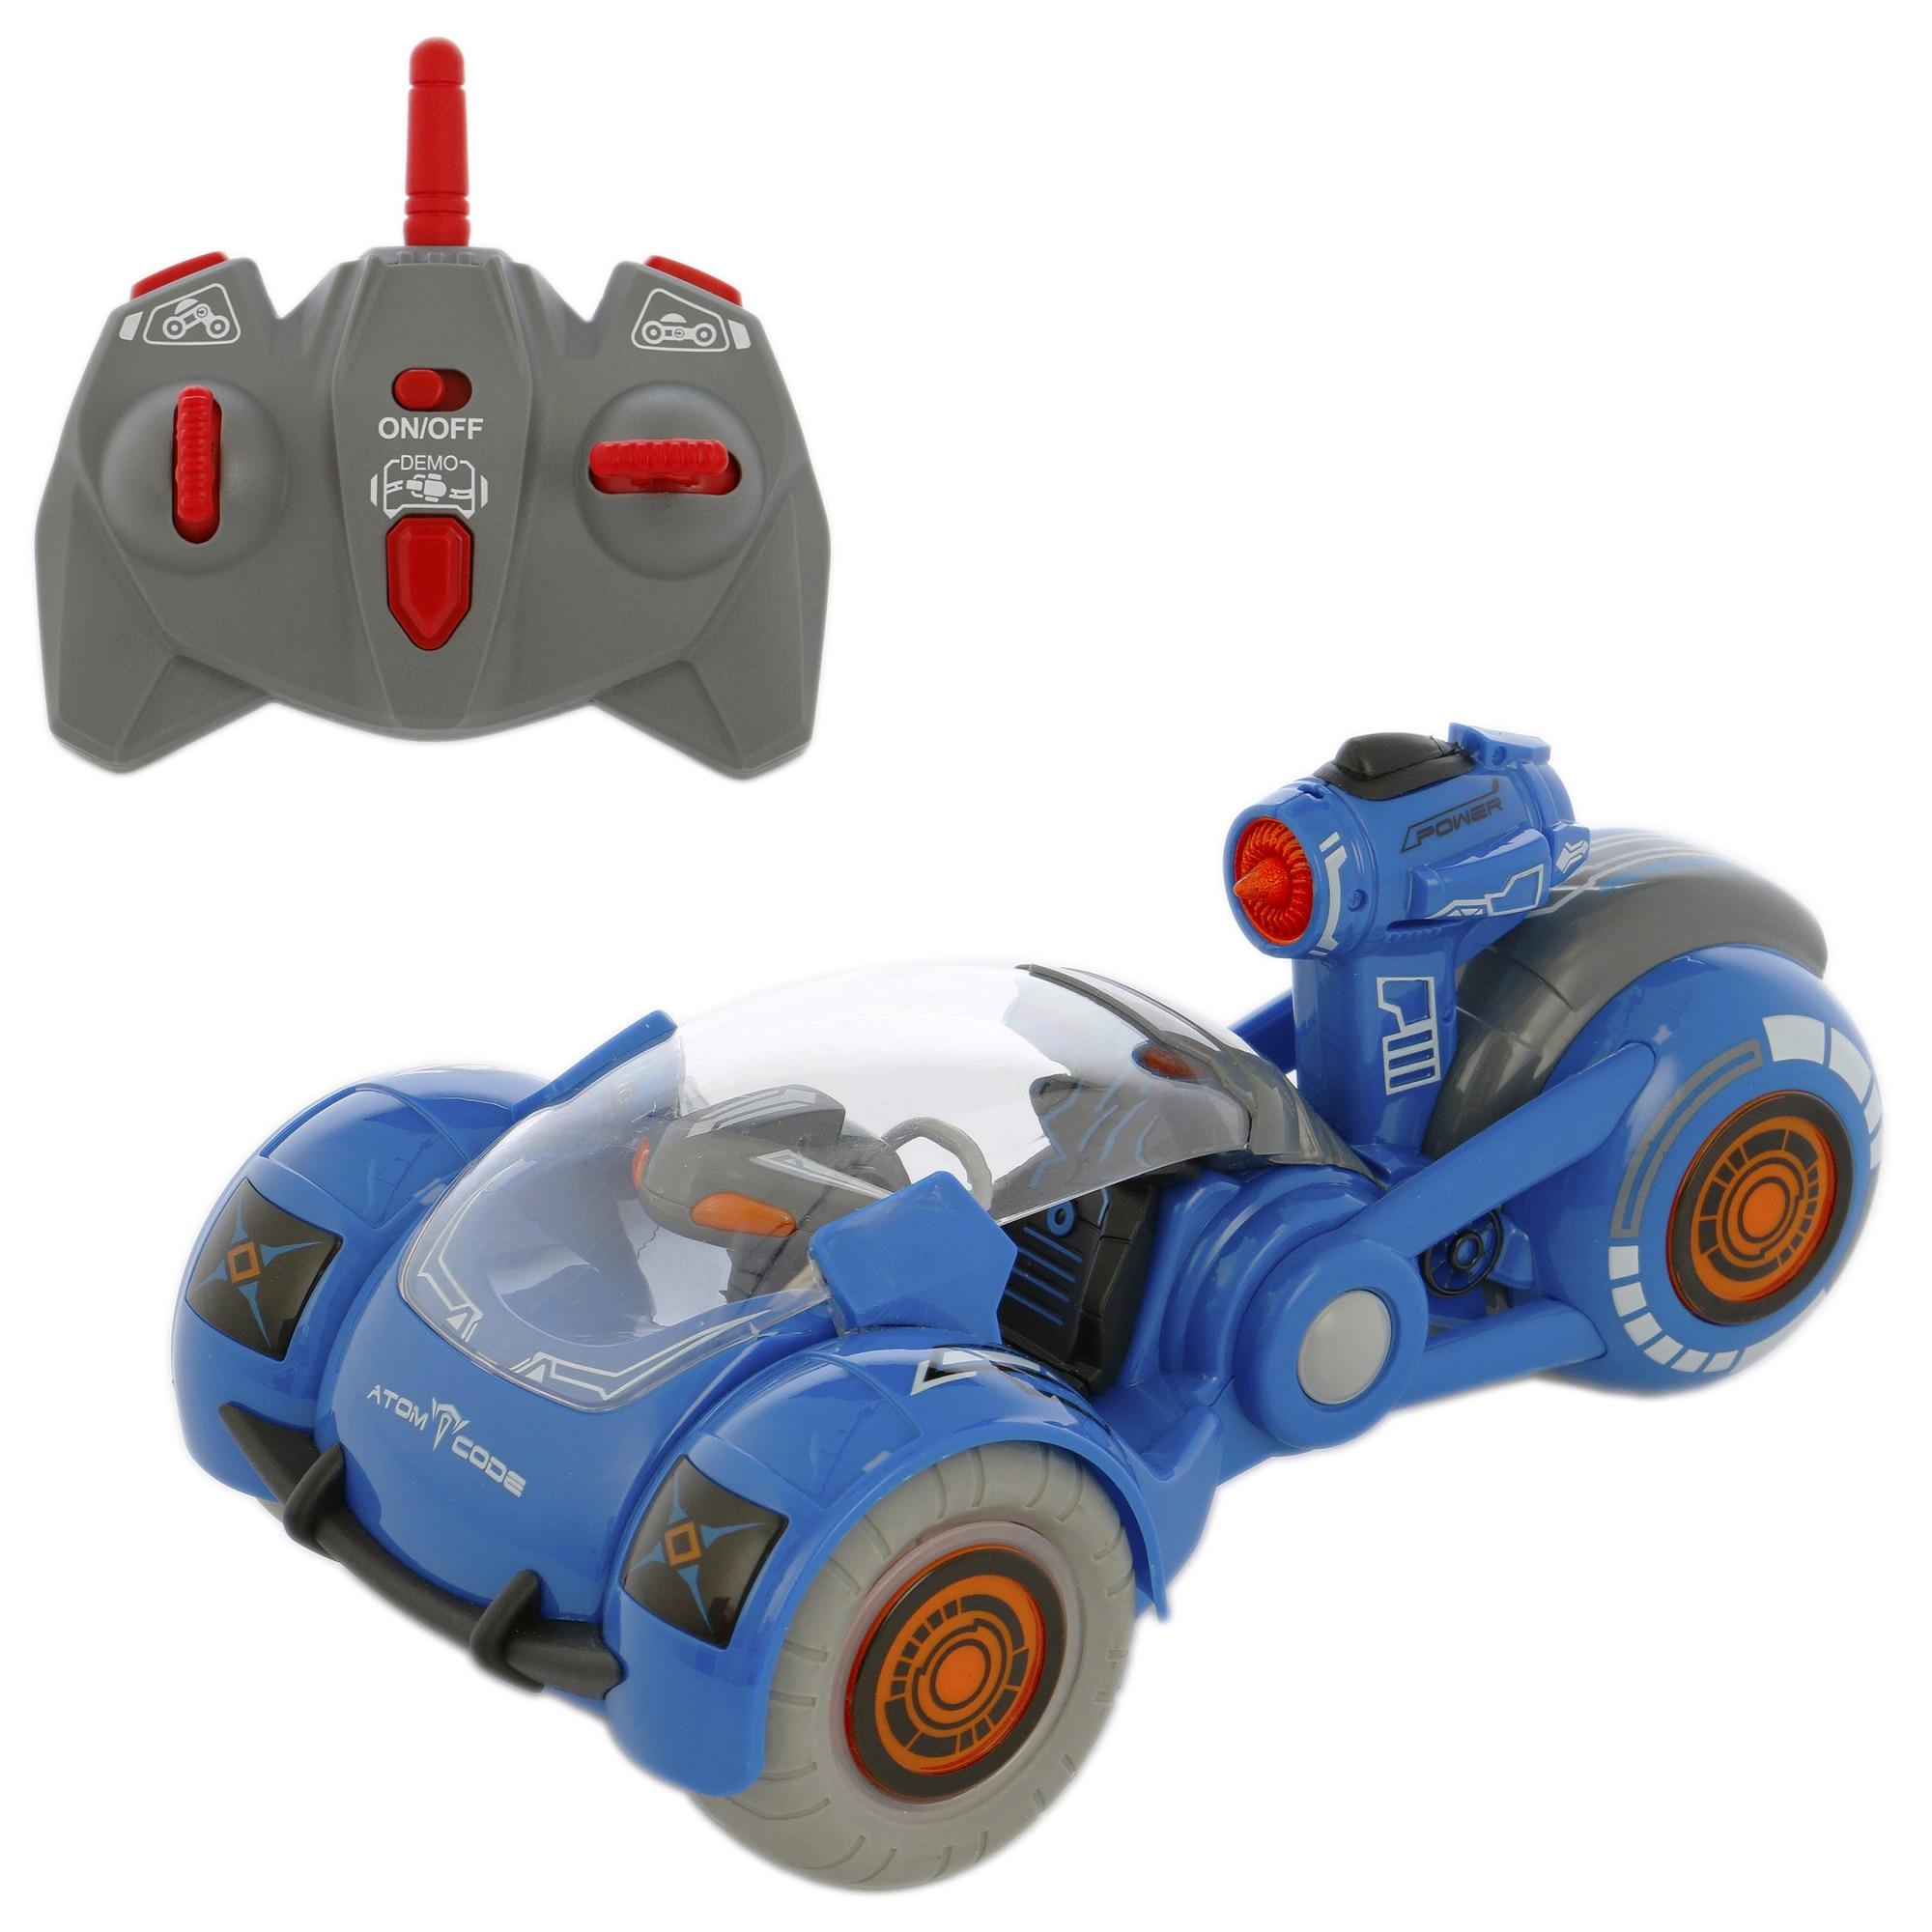 Fotografie Masinuta M-Toys Rotate, cu telecomanda, scara 1:12, albastru